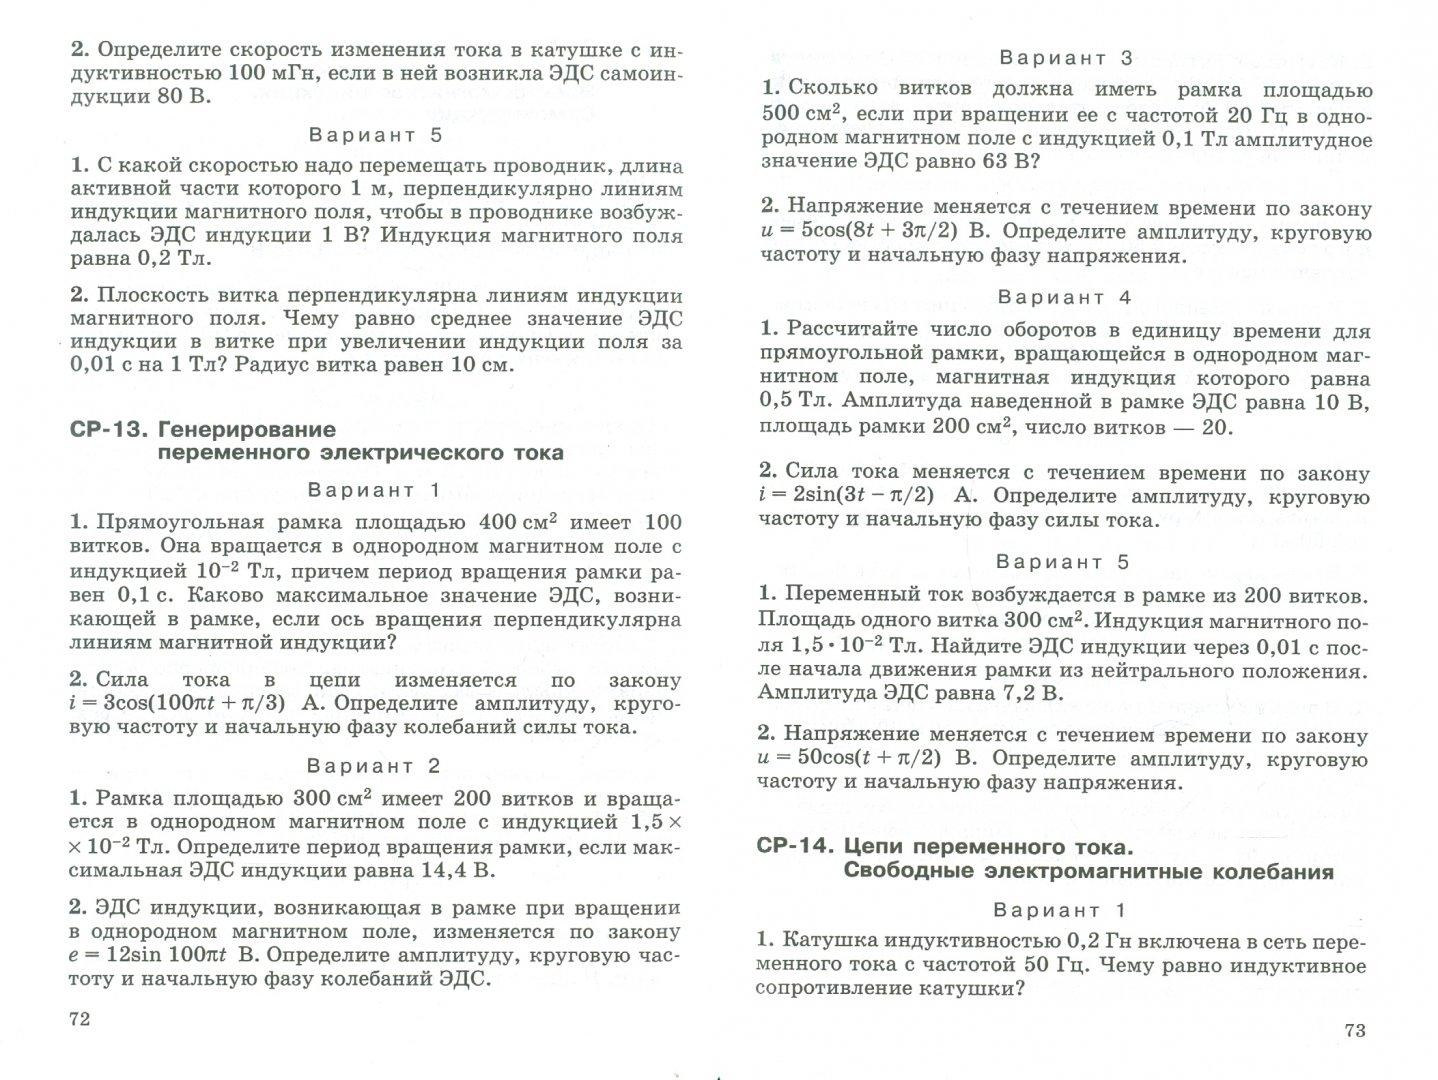 Иллюстрация 1 из 5 для Физика. 11 класс. Дидактические материалы к учебникам В. А. Касьянова. ФГОС - Марон, Марон | Лабиринт - книги. Источник: Лабиринт